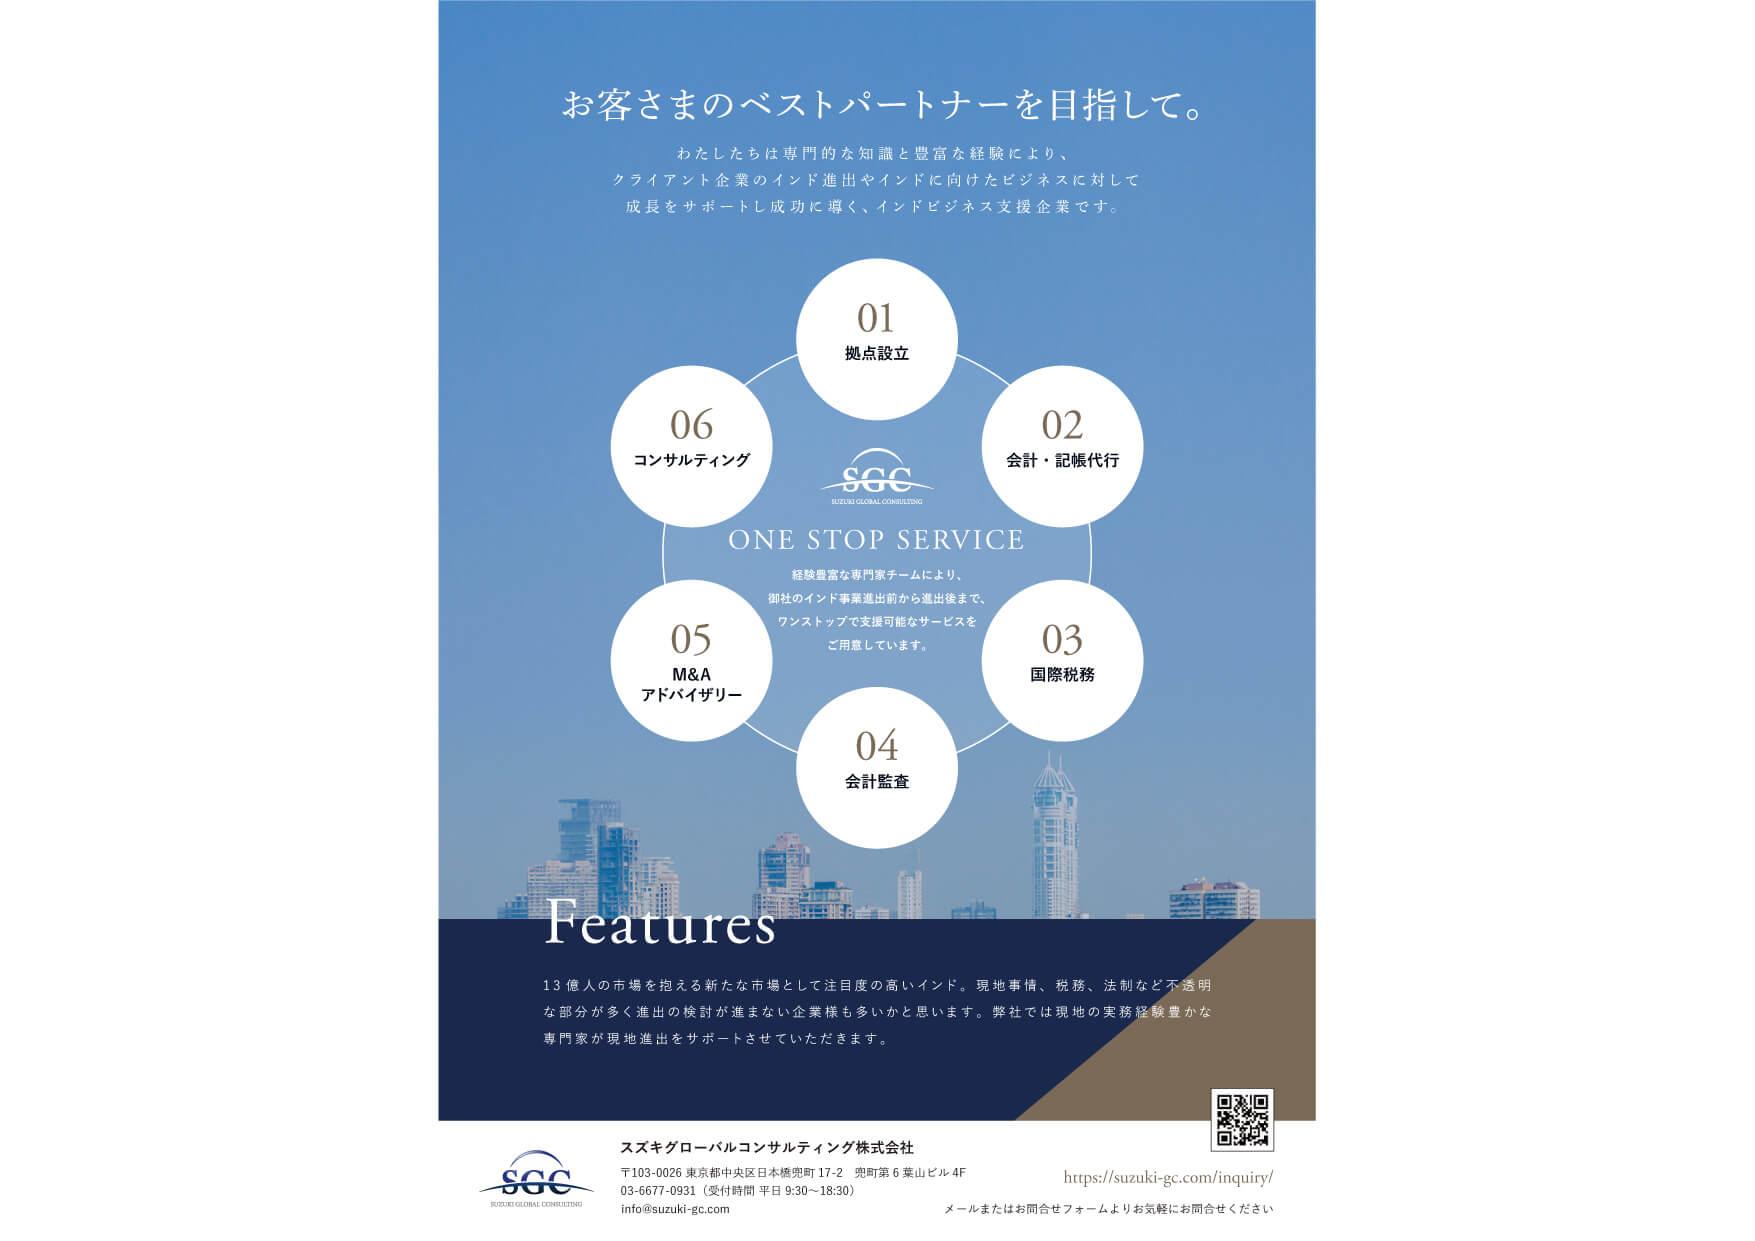 【会社概要】スズキグローバルコンサルティング株式会社